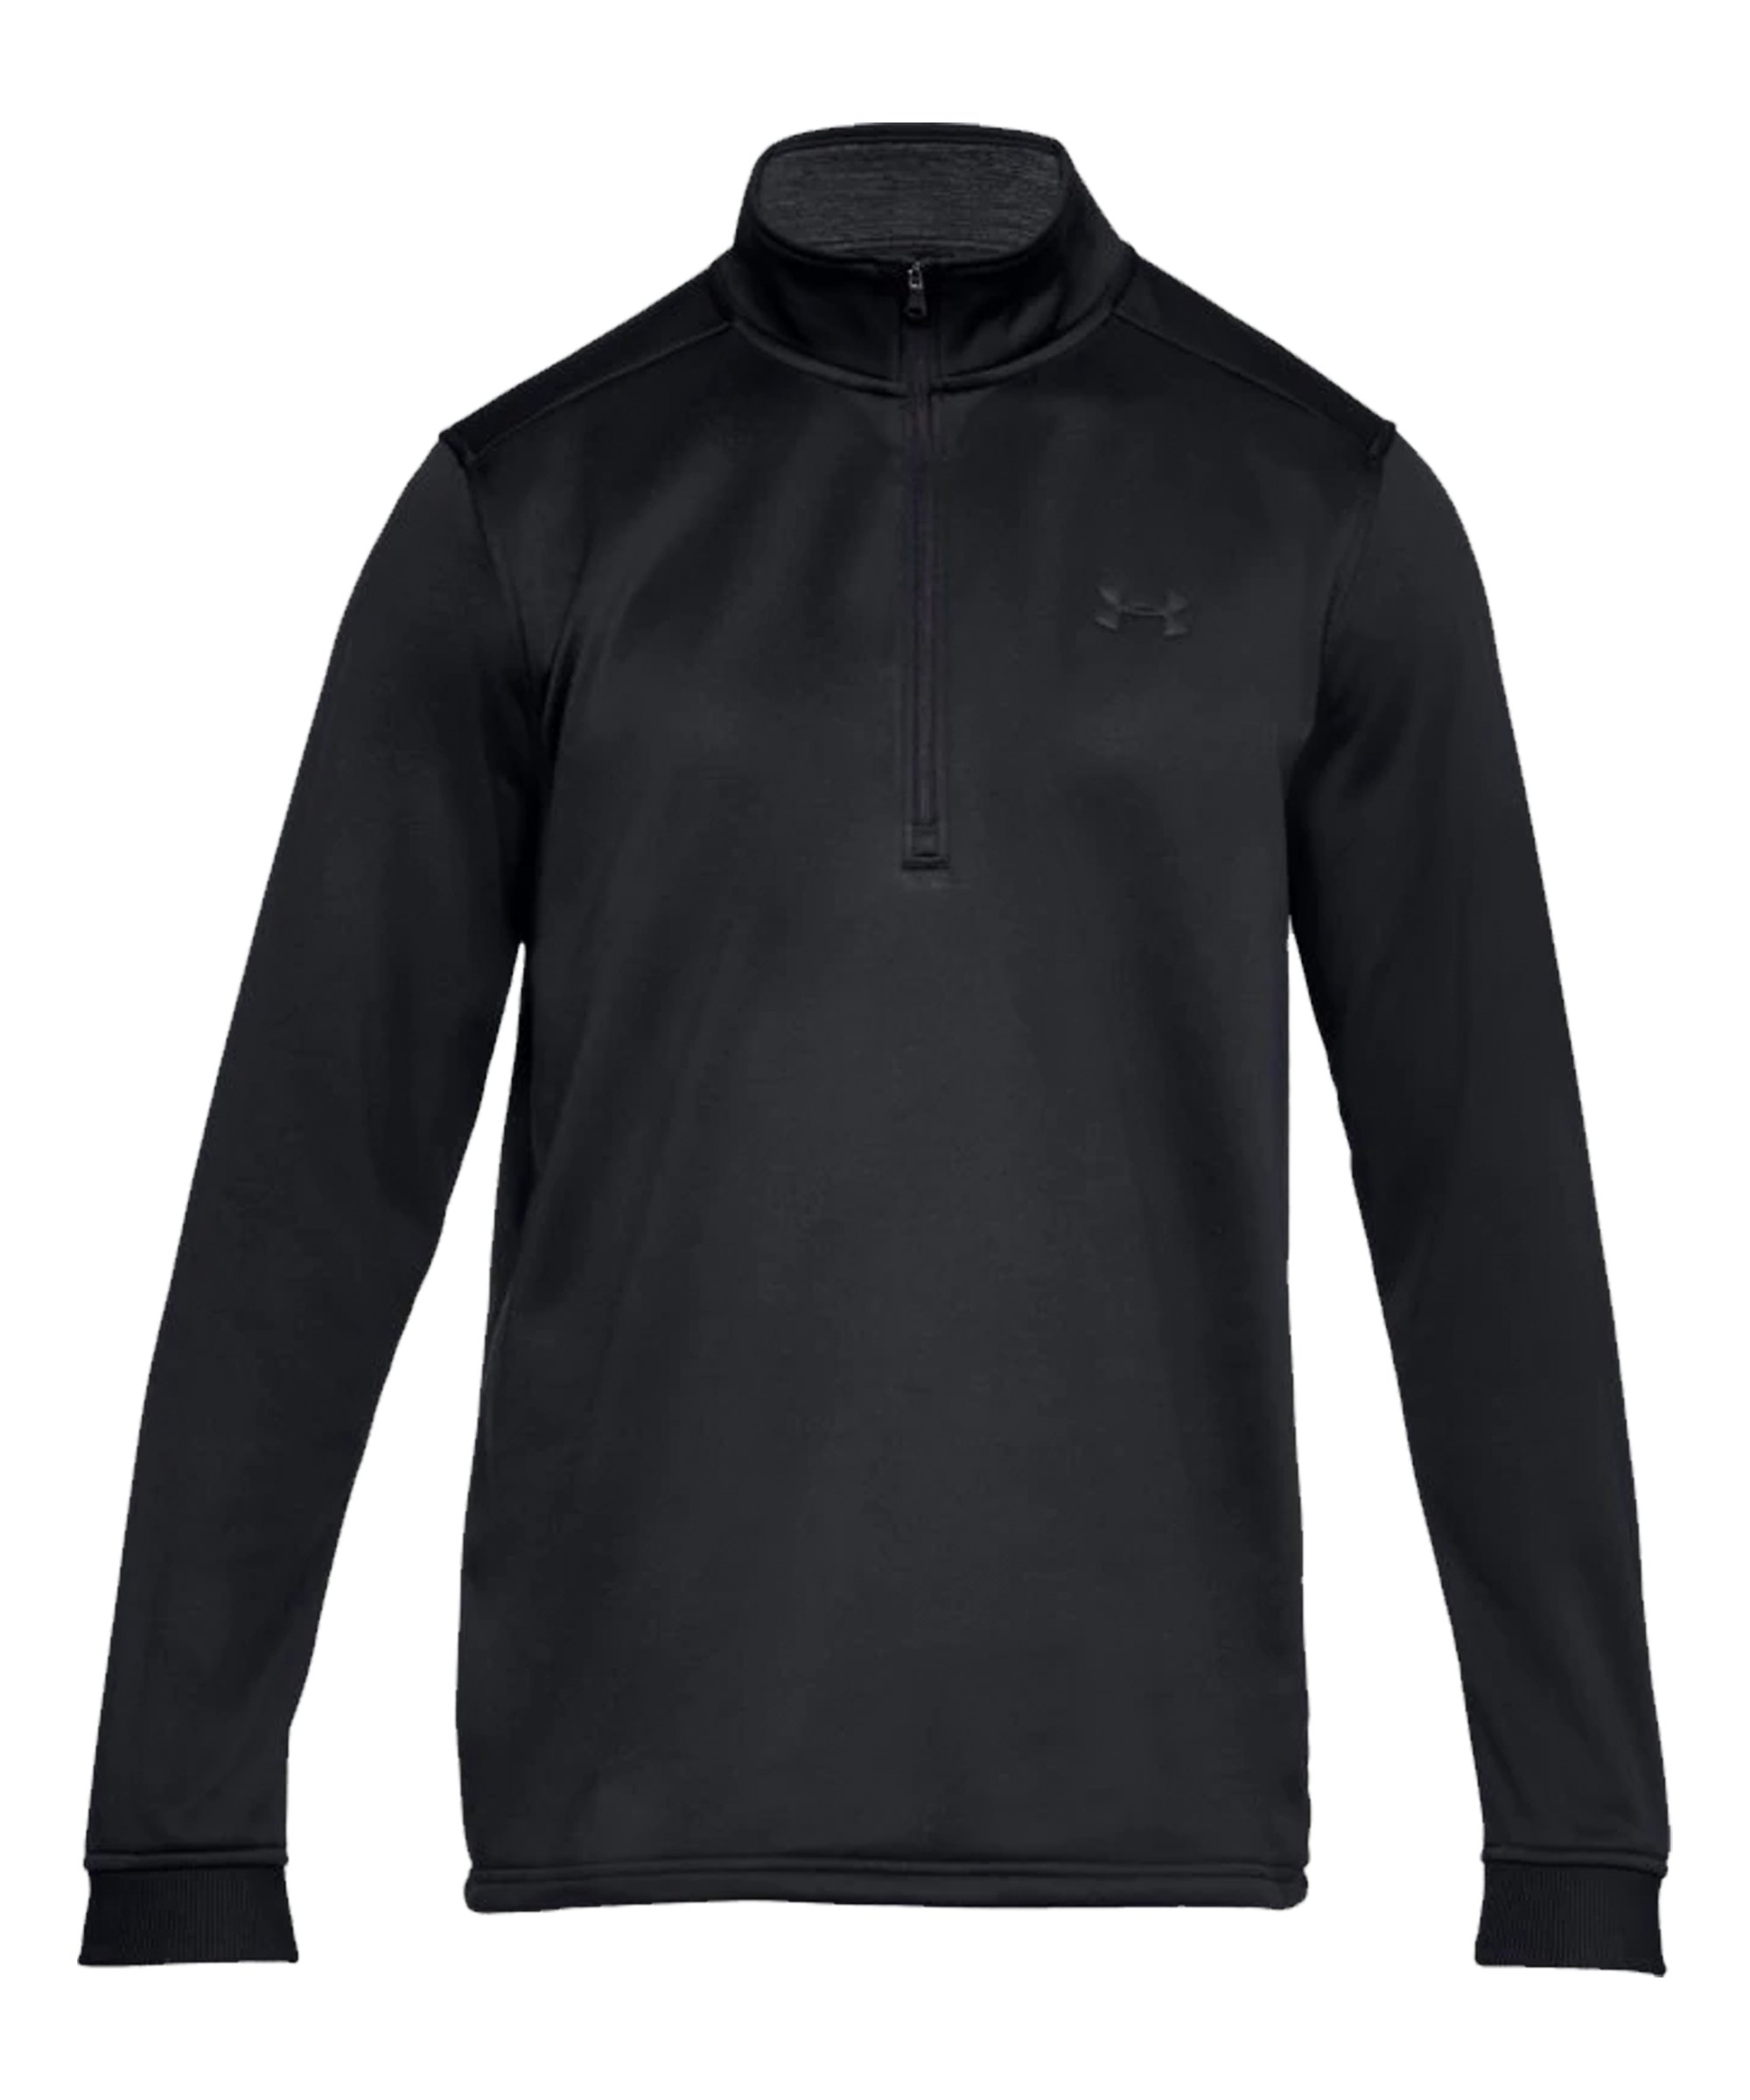 Under Armour 1/2 Zip Fleece Sweatshirt F001 - schwarz